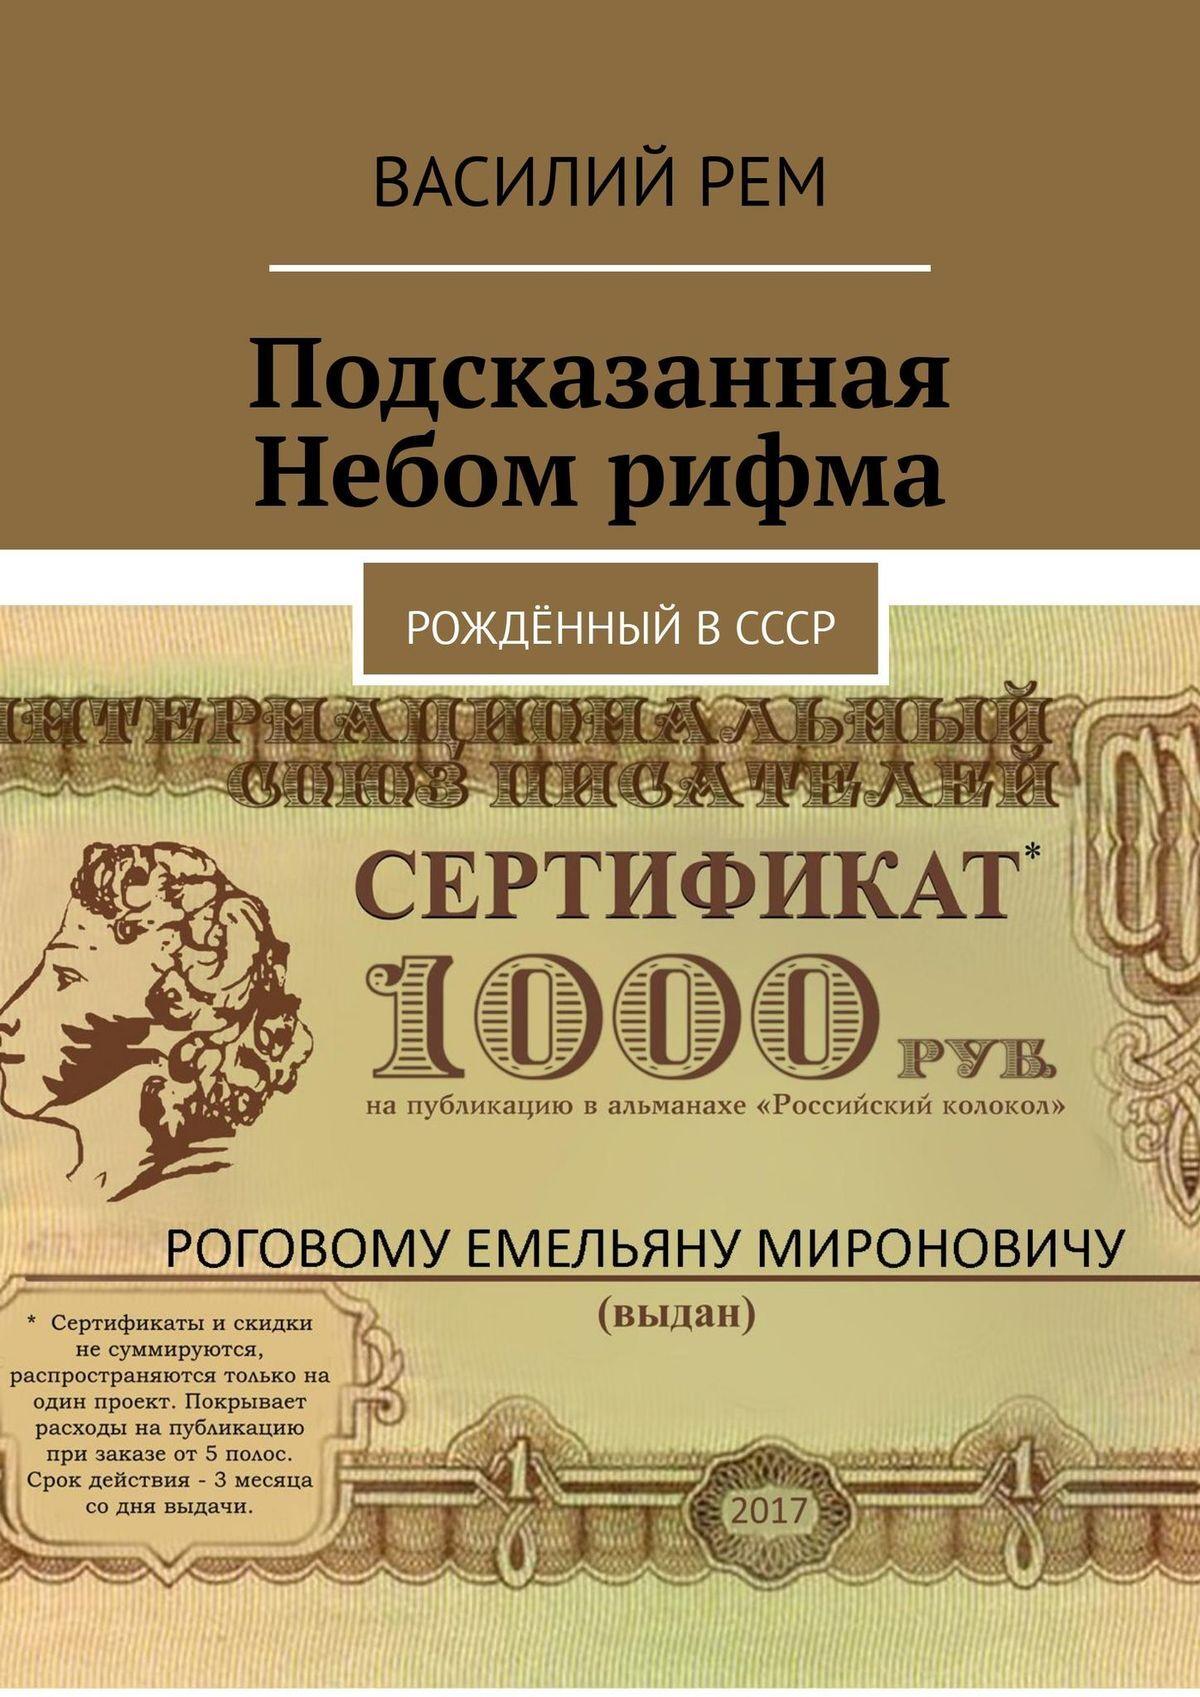 Василий Рем Подсказанная Небом рифма. Рождённый вСССР